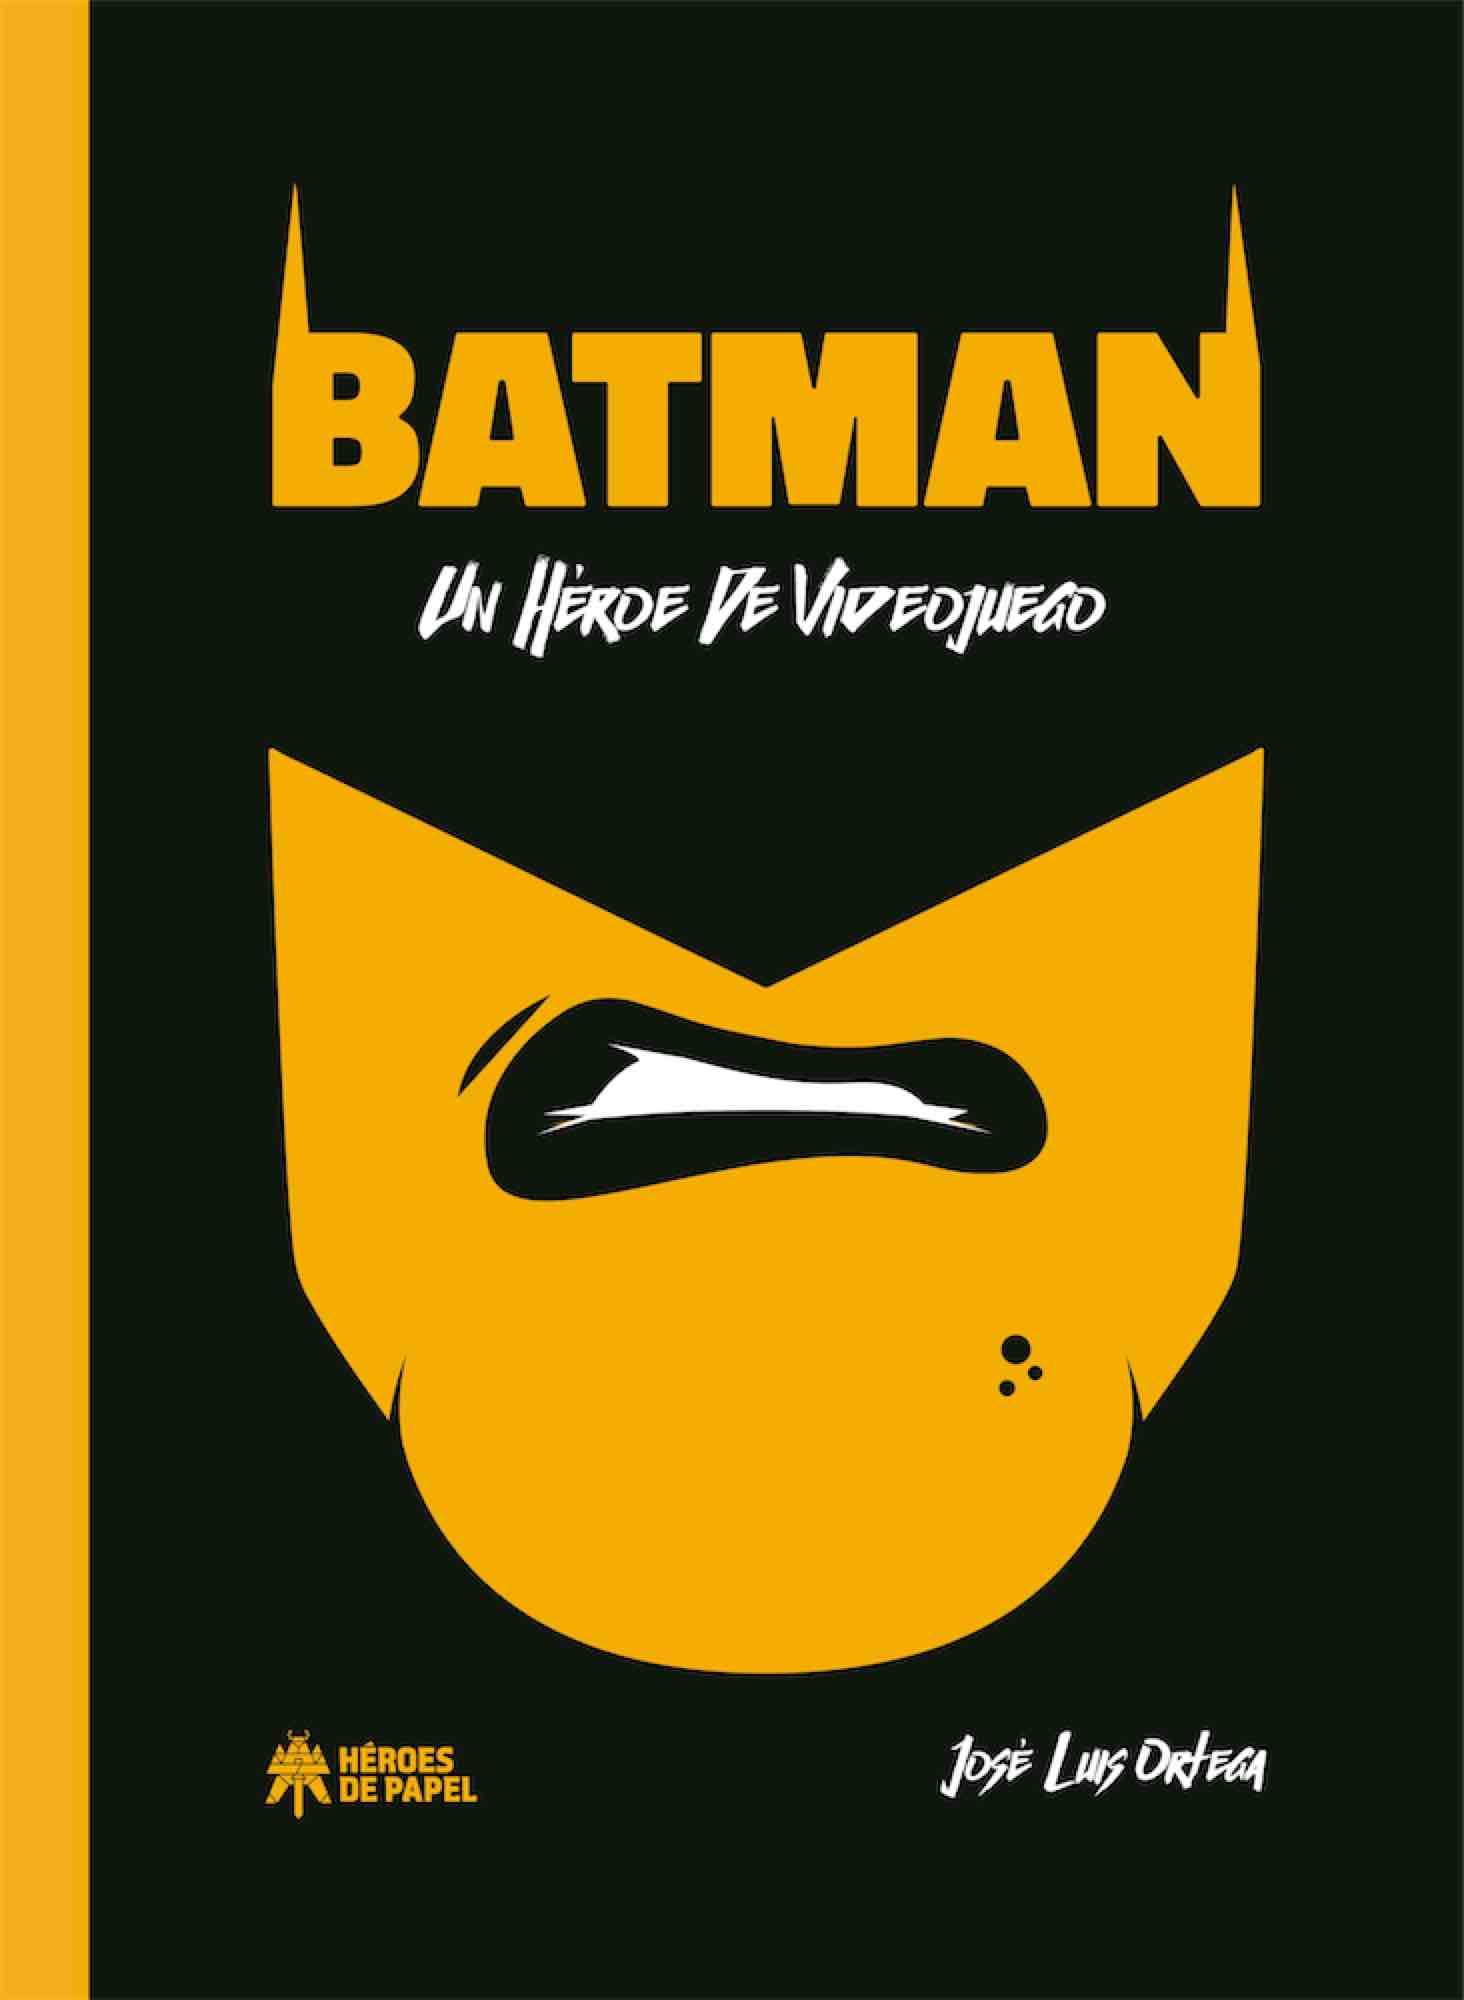 BATMAN: UN HEROE DE VIDEOJUEGO